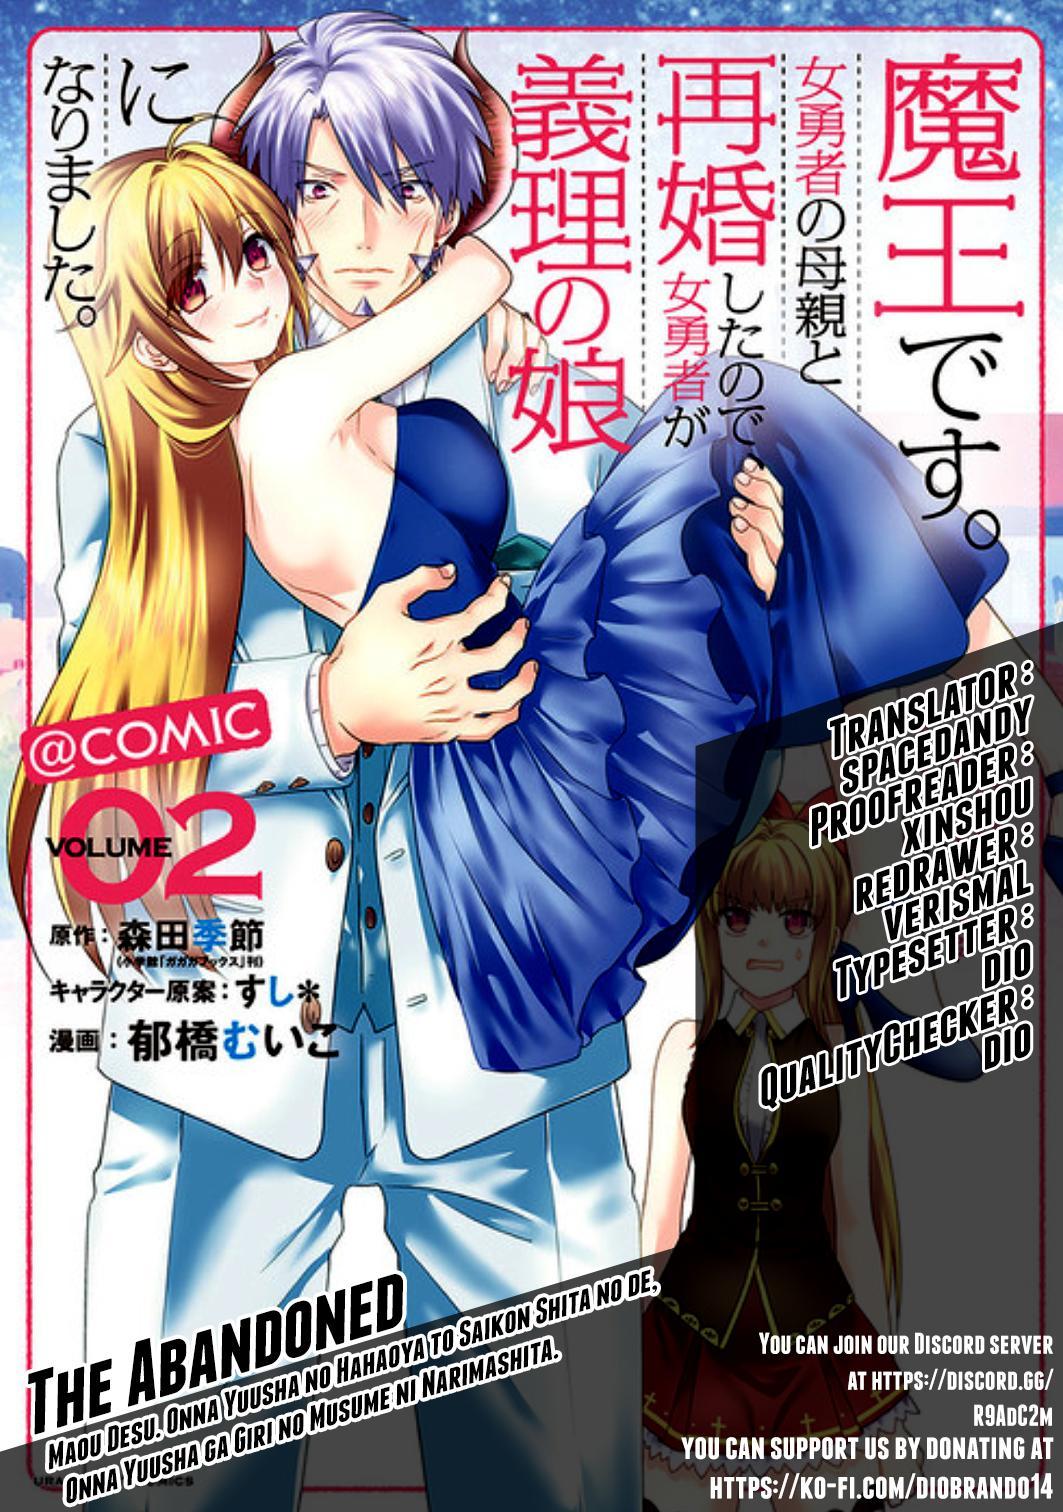 Maou Desu. Onna Yuusha No Hahaoya To Saikon Shita No De, Onna Yuusha Ga Giri No Musume Ni Narimashita. Chapter 35 page 1 - Mangakakalots.com